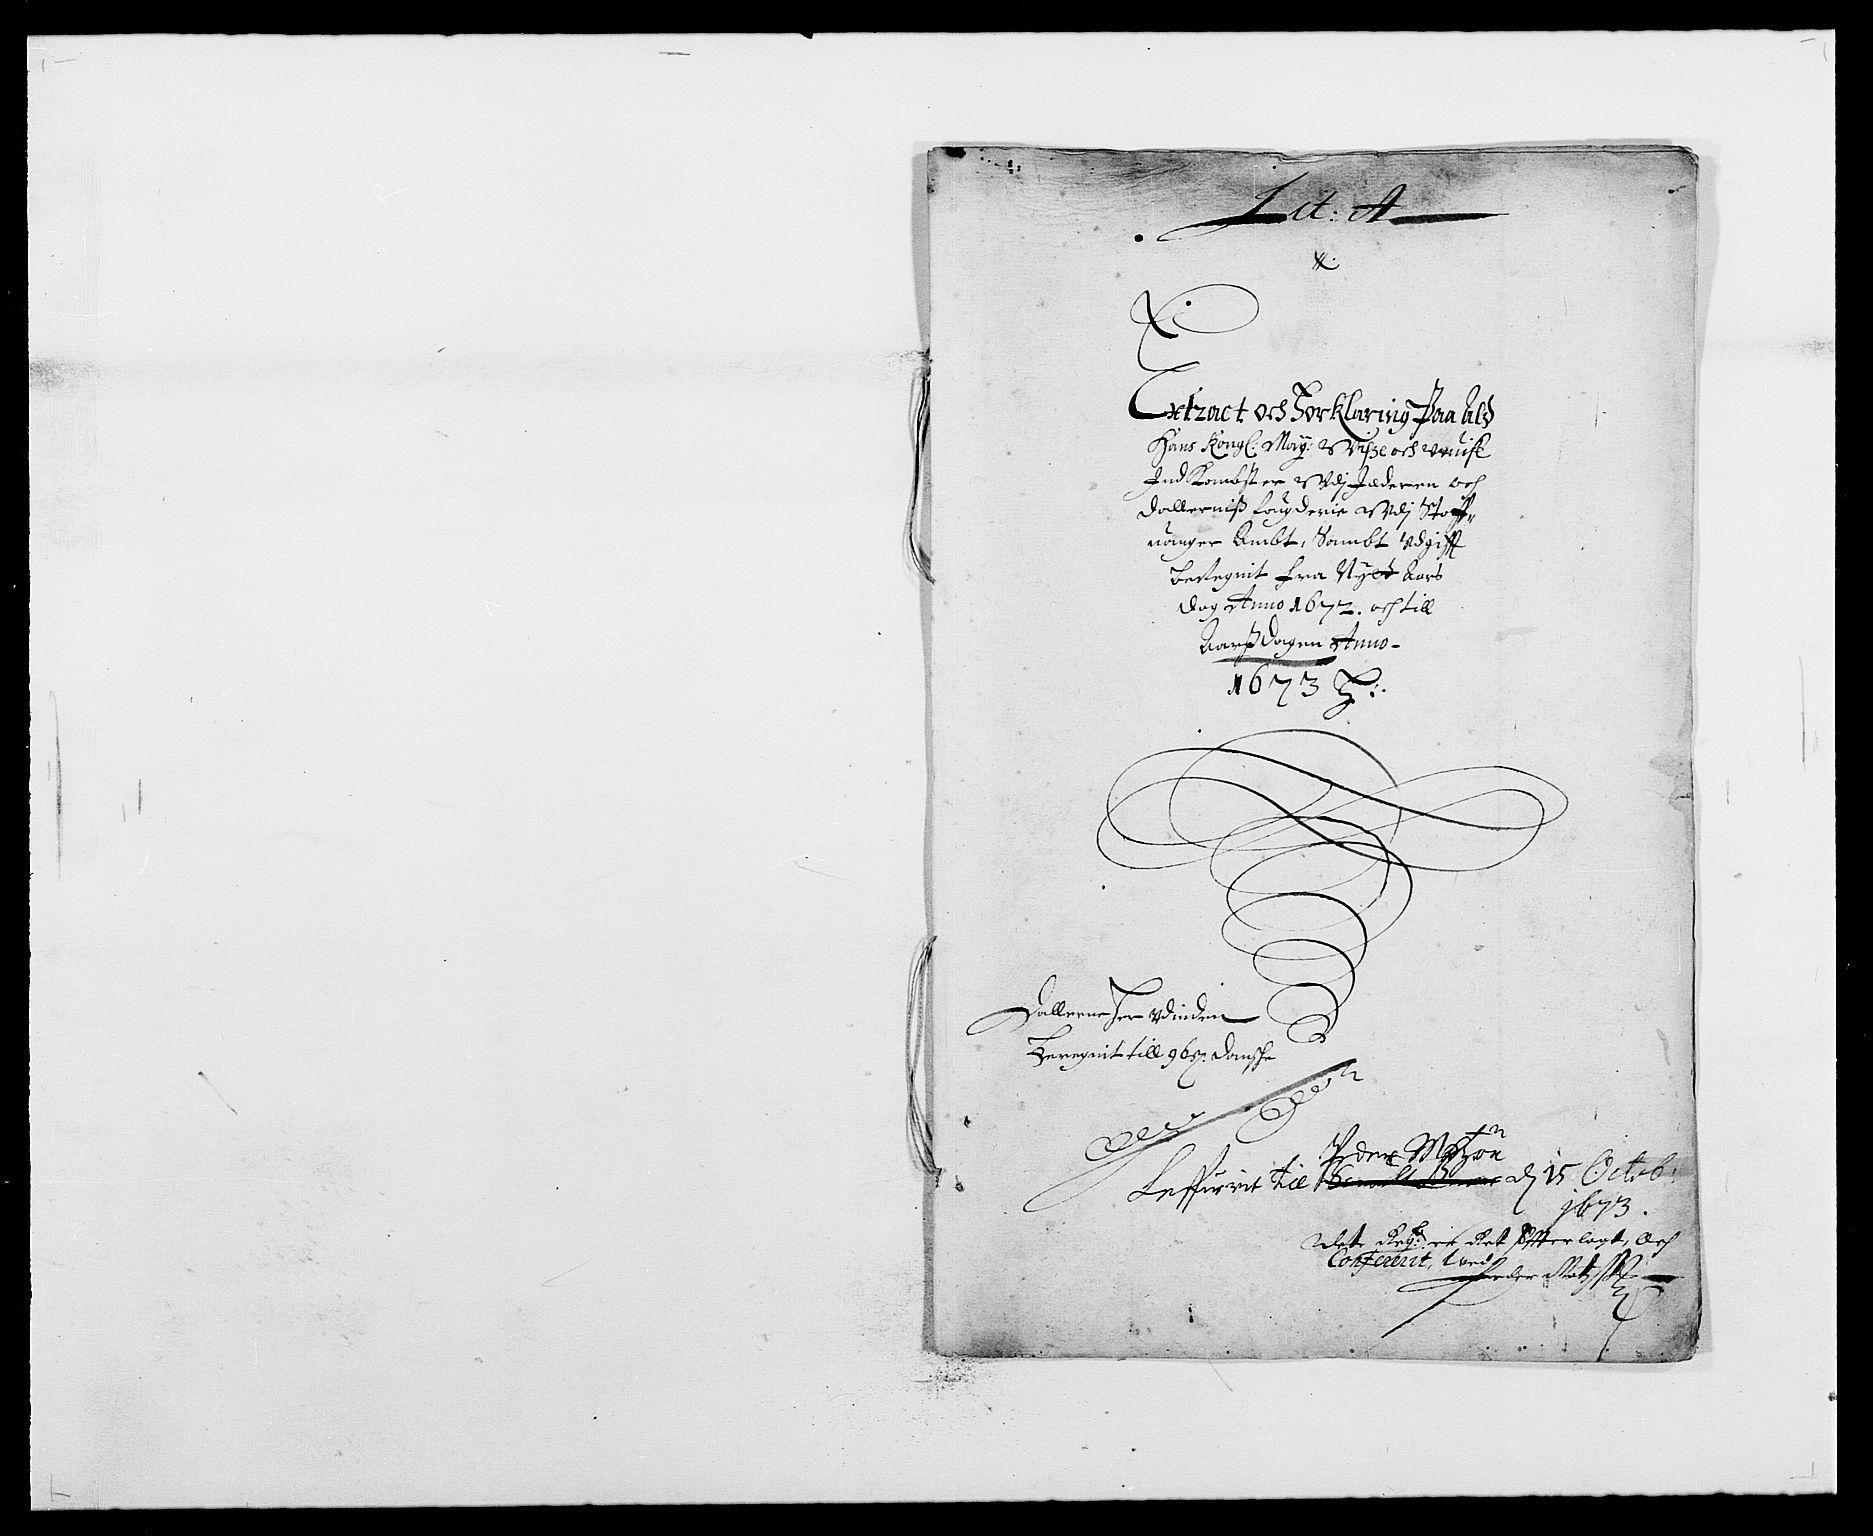 RA, Rentekammeret inntil 1814, Reviderte regnskaper, Fogderegnskap, R46/L2713: Fogderegnskap Jæren og Dalane, 1671-1672, s. 200